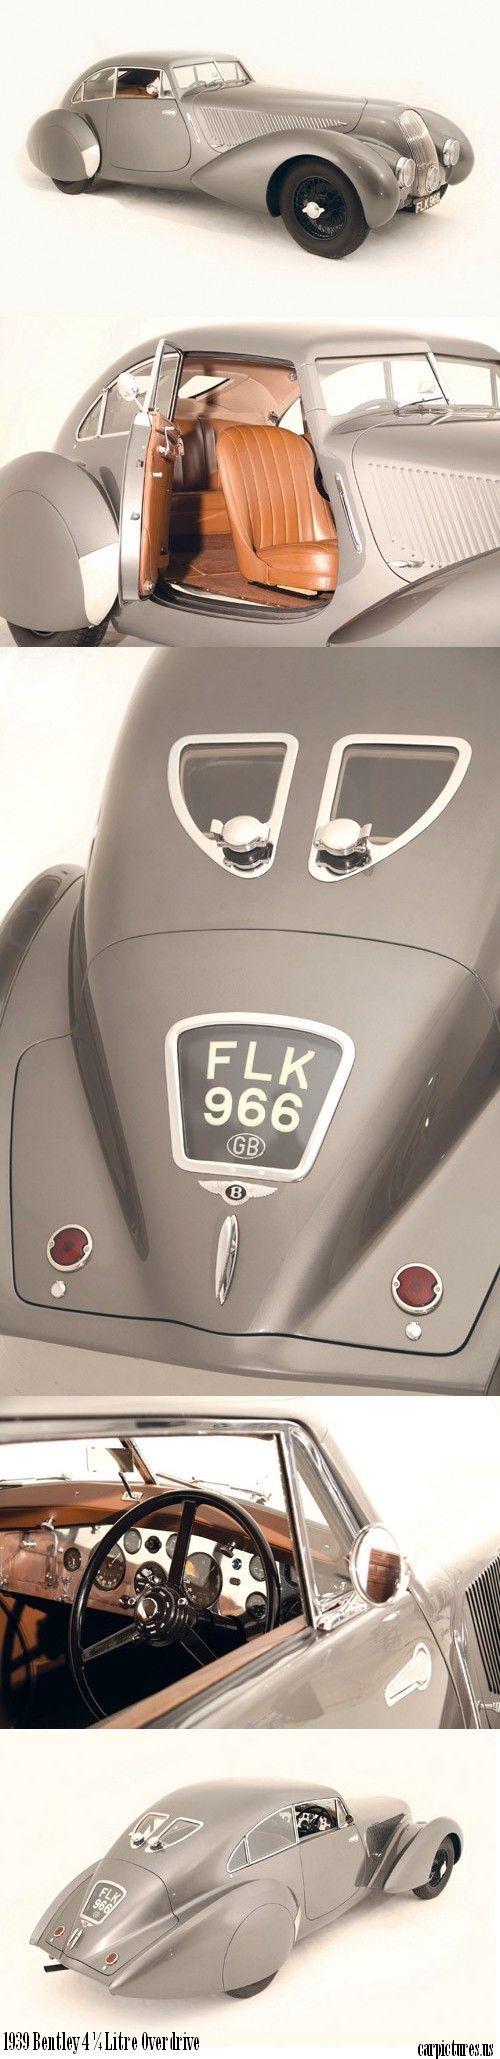 1939 Bentley 4 ¼ Litre Overdrive: